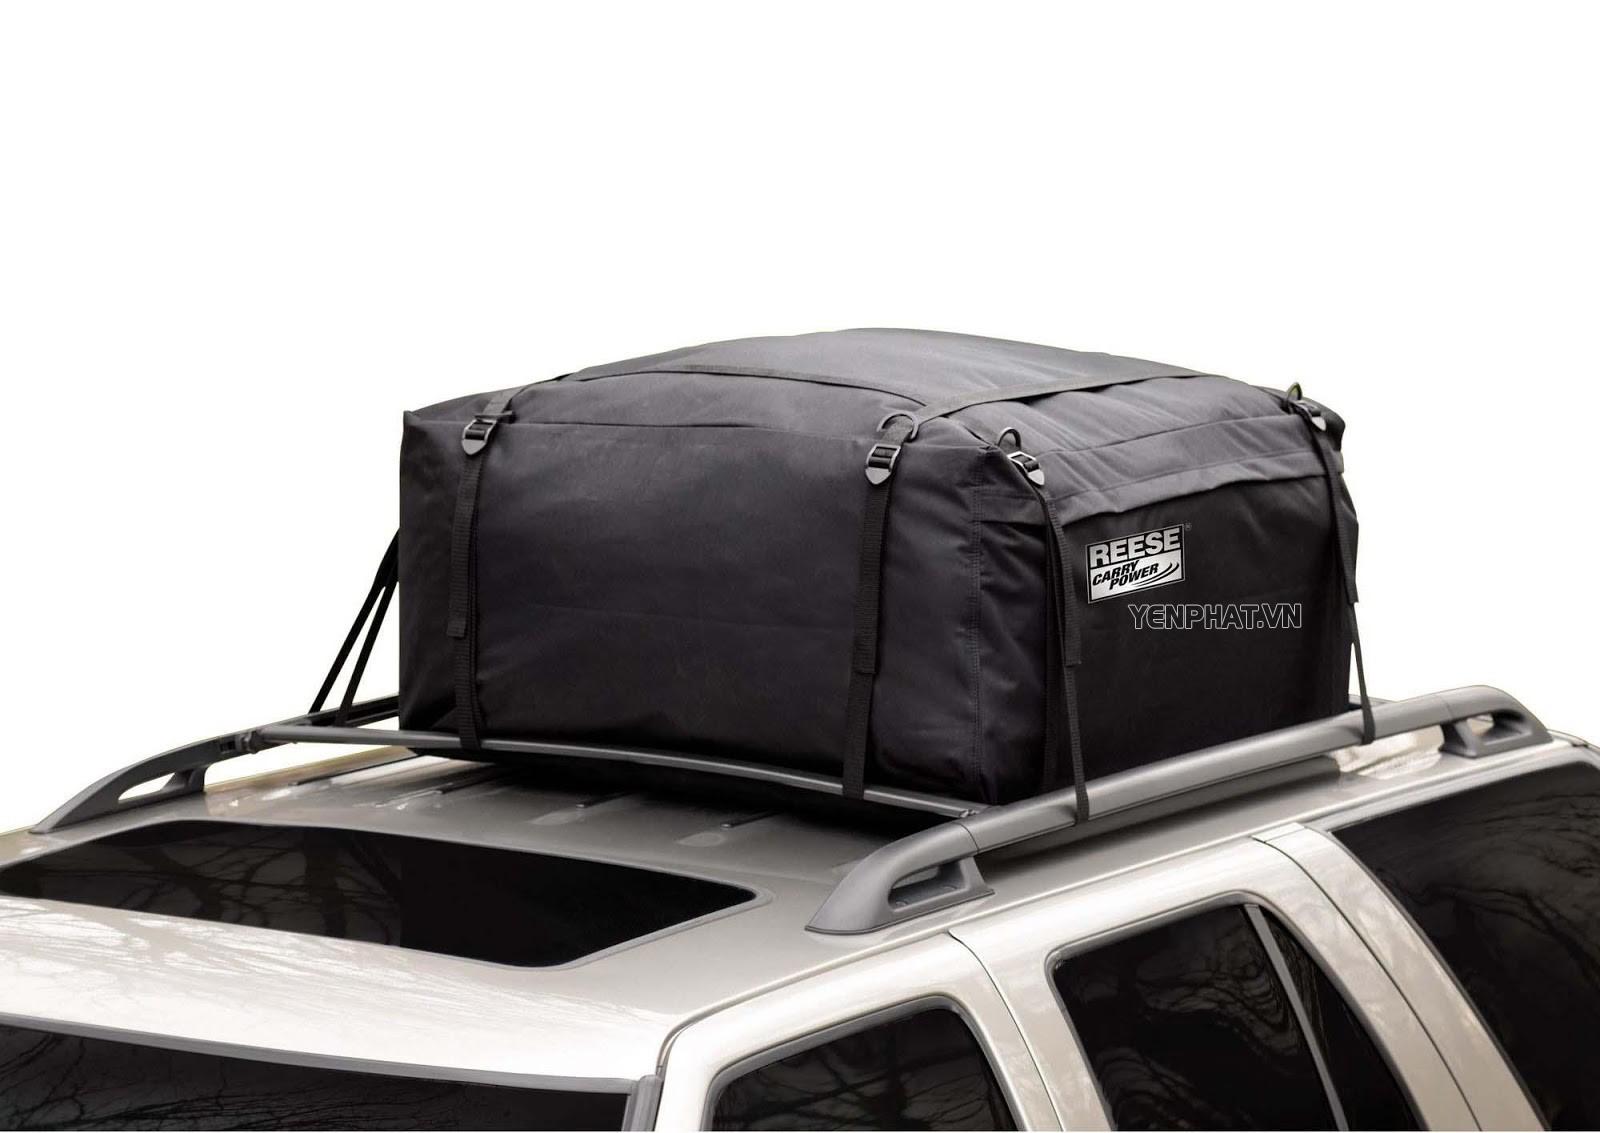 Túi đựng đồ trên nóc xe giảm bớt gánh nặng cho cốp xe